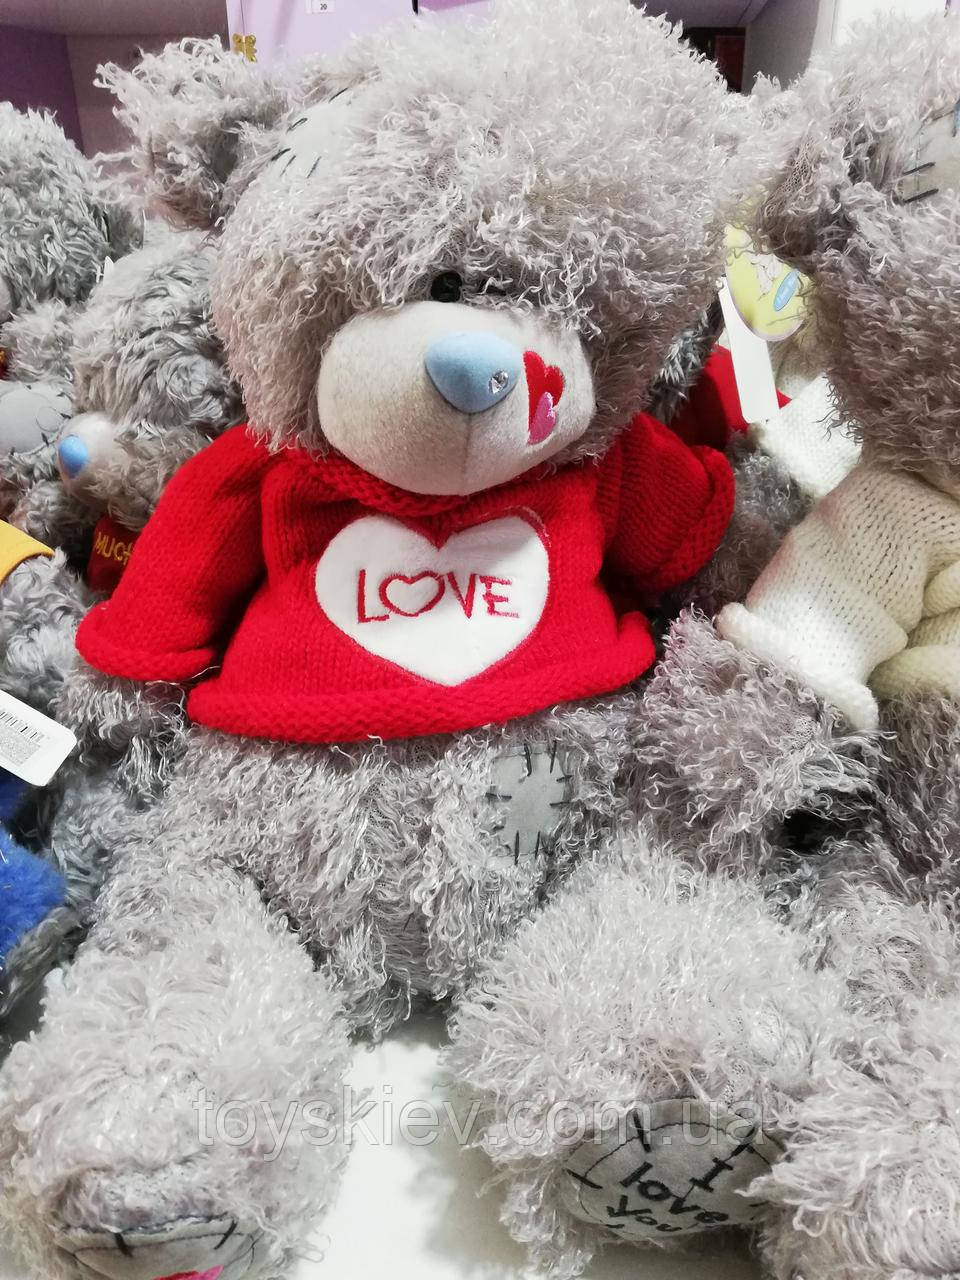 """Игрушка """"Мишка Тедди"""" (плюшевый) 40 см. в красной футболке с камушком в носу."""